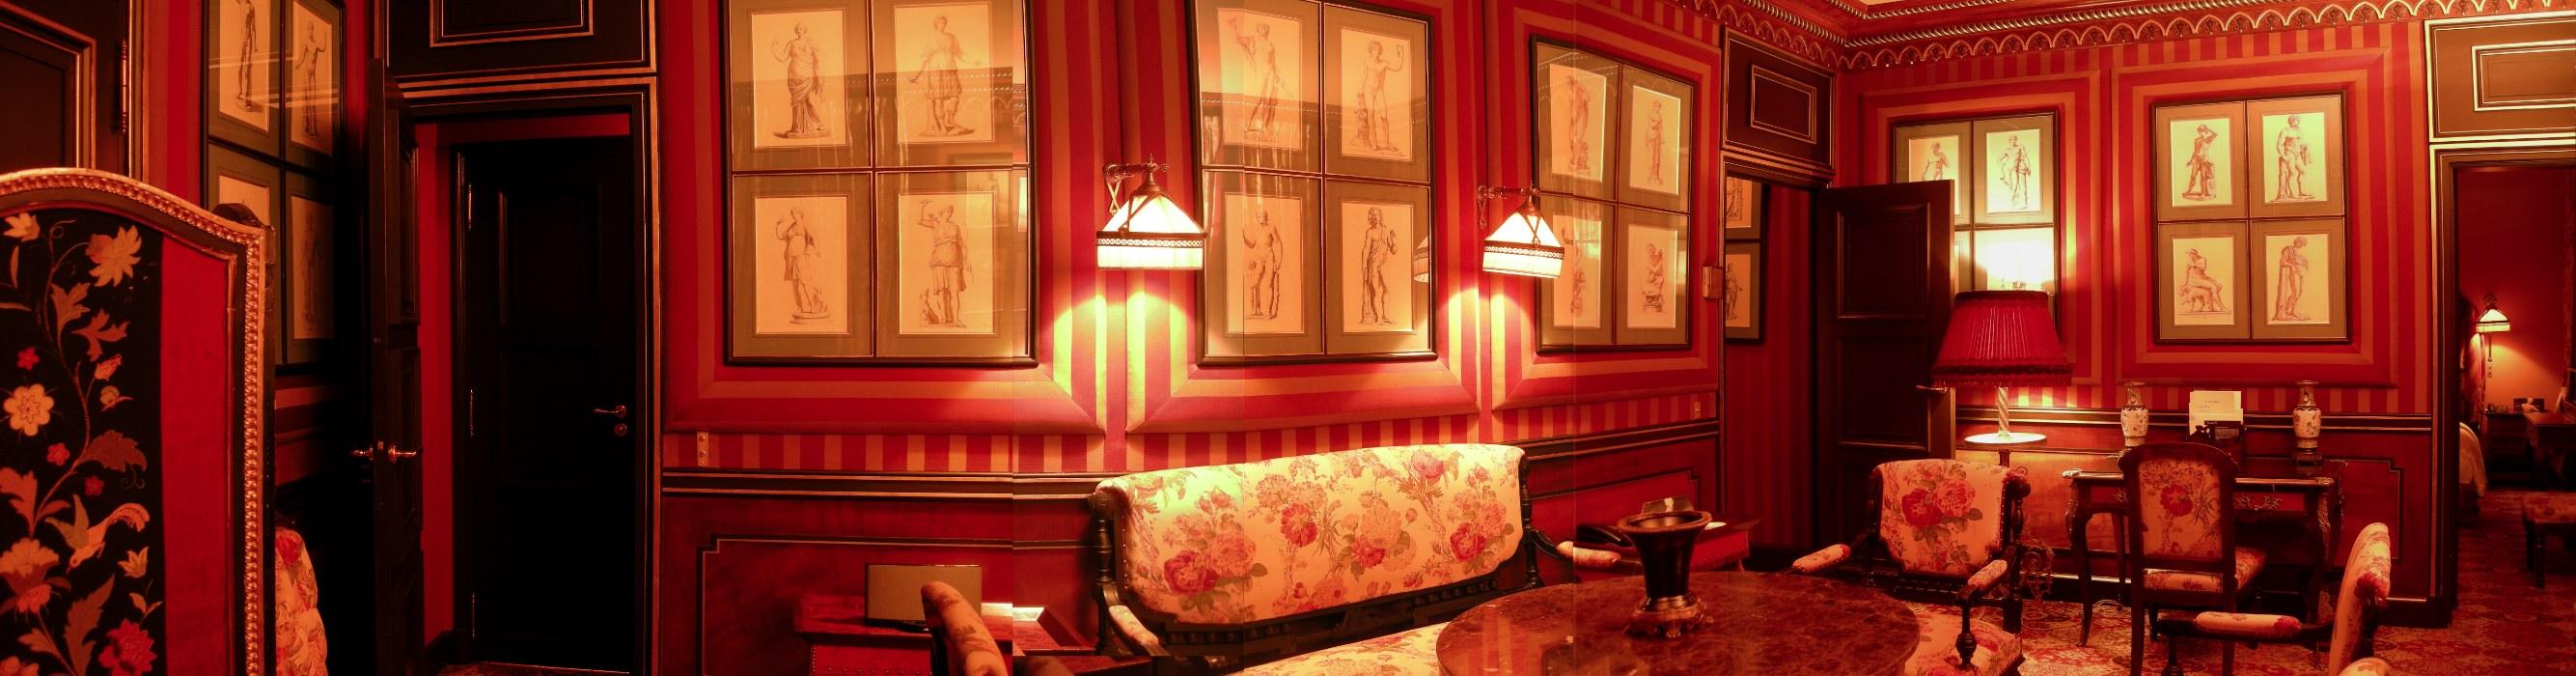 hotel-costes-paris-5